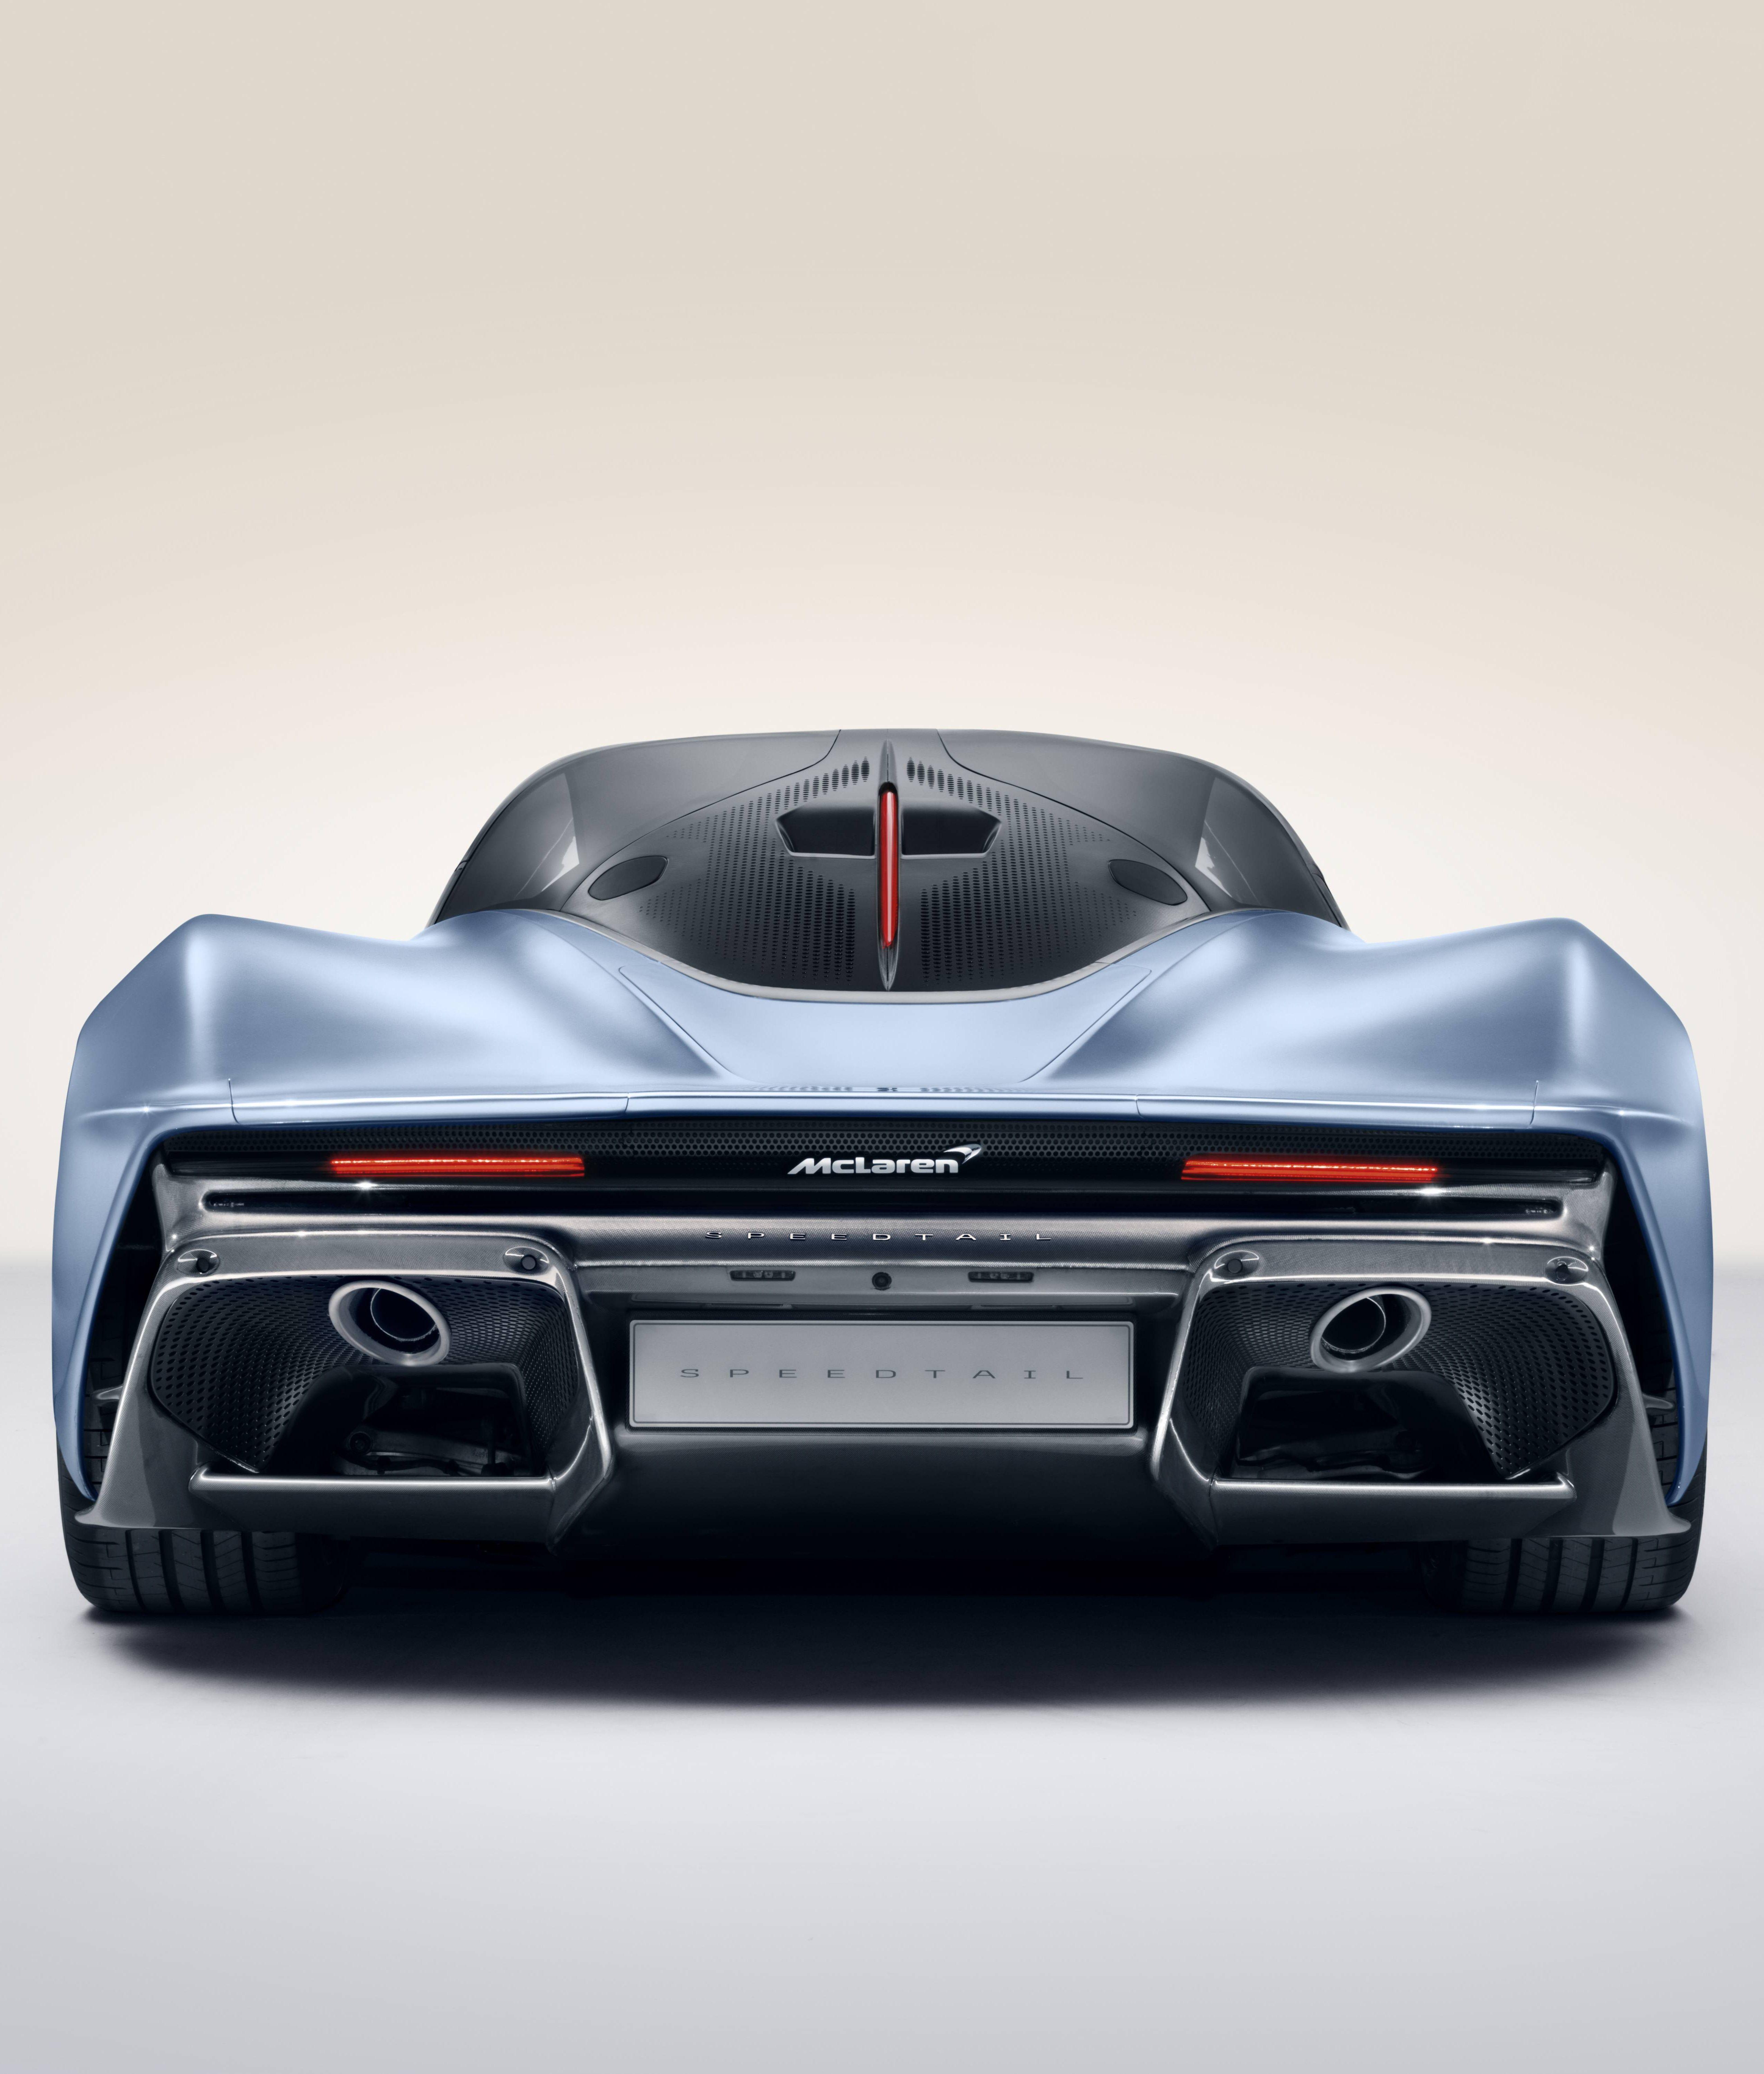 Most Expensive Porsche Car: Audi PB18 E-Tron Supercar Concept